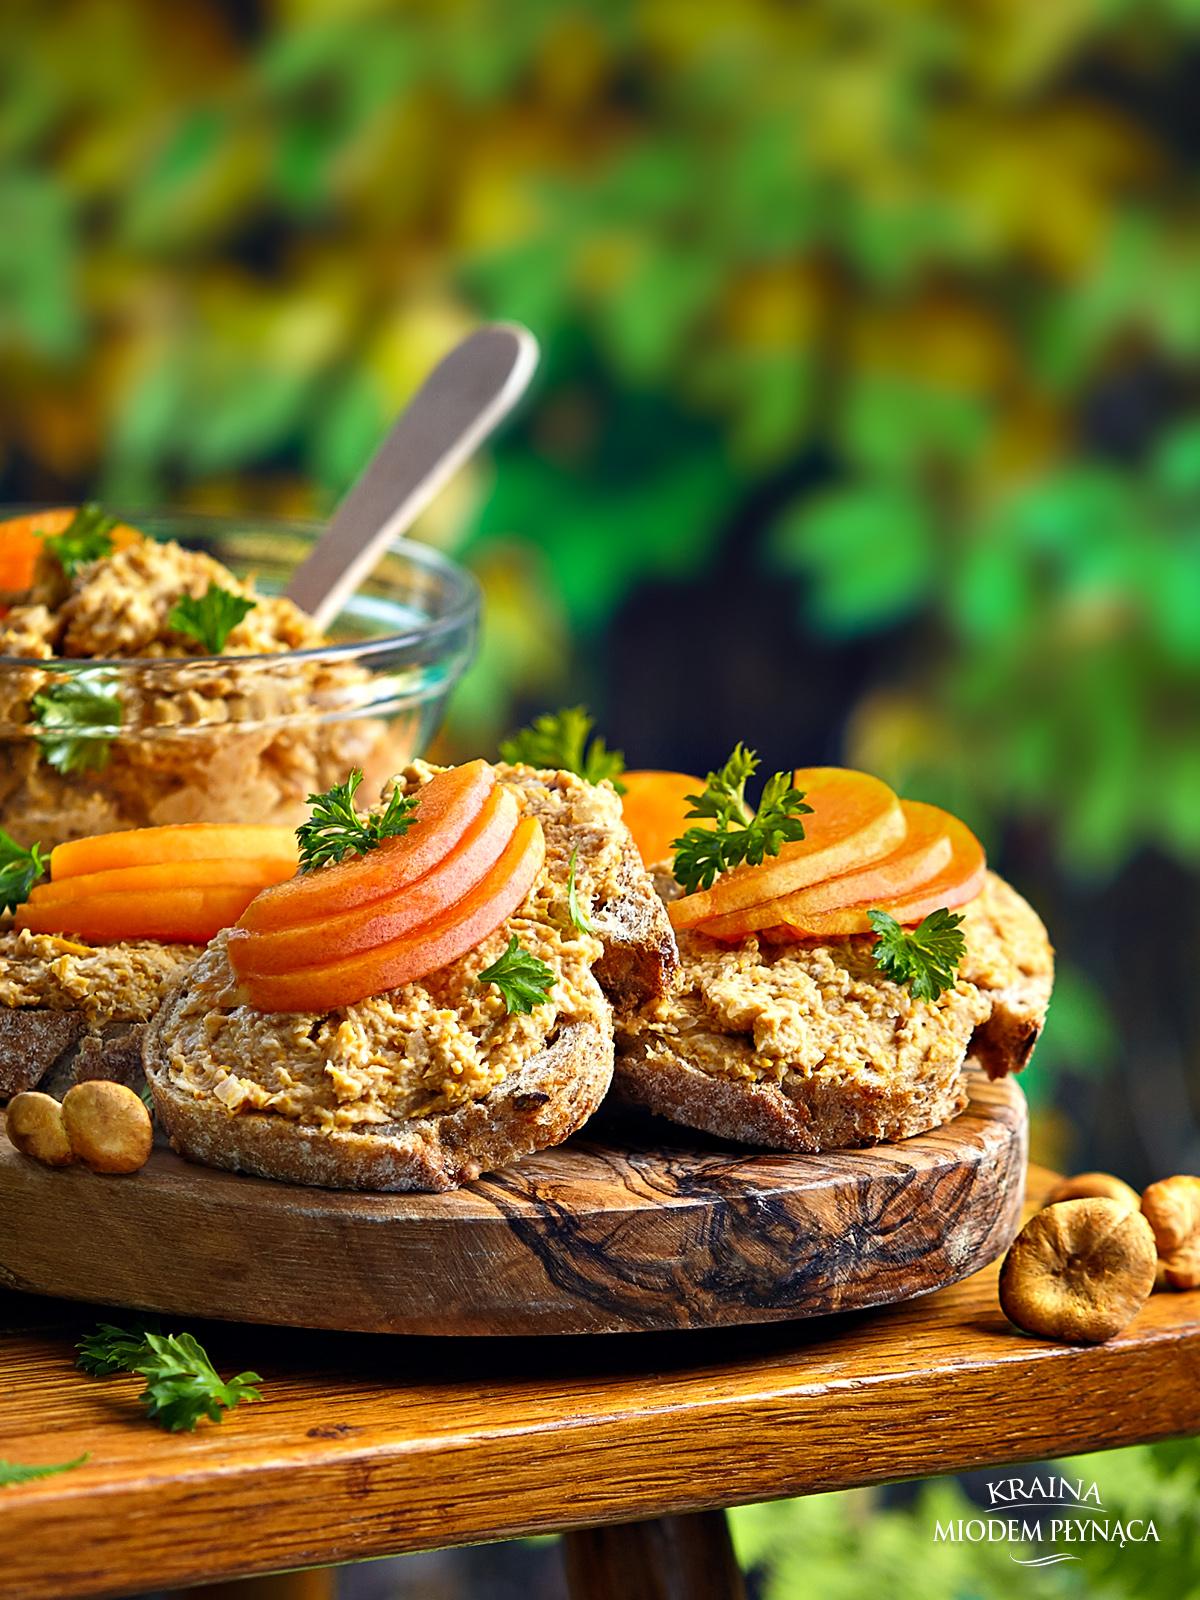 pasta z kurek, pasta kurkowa, pasta z grzybów, pasta grzybowa, smarowidło z kurek, smarowidło z grzybów, kraina miodem płynąca